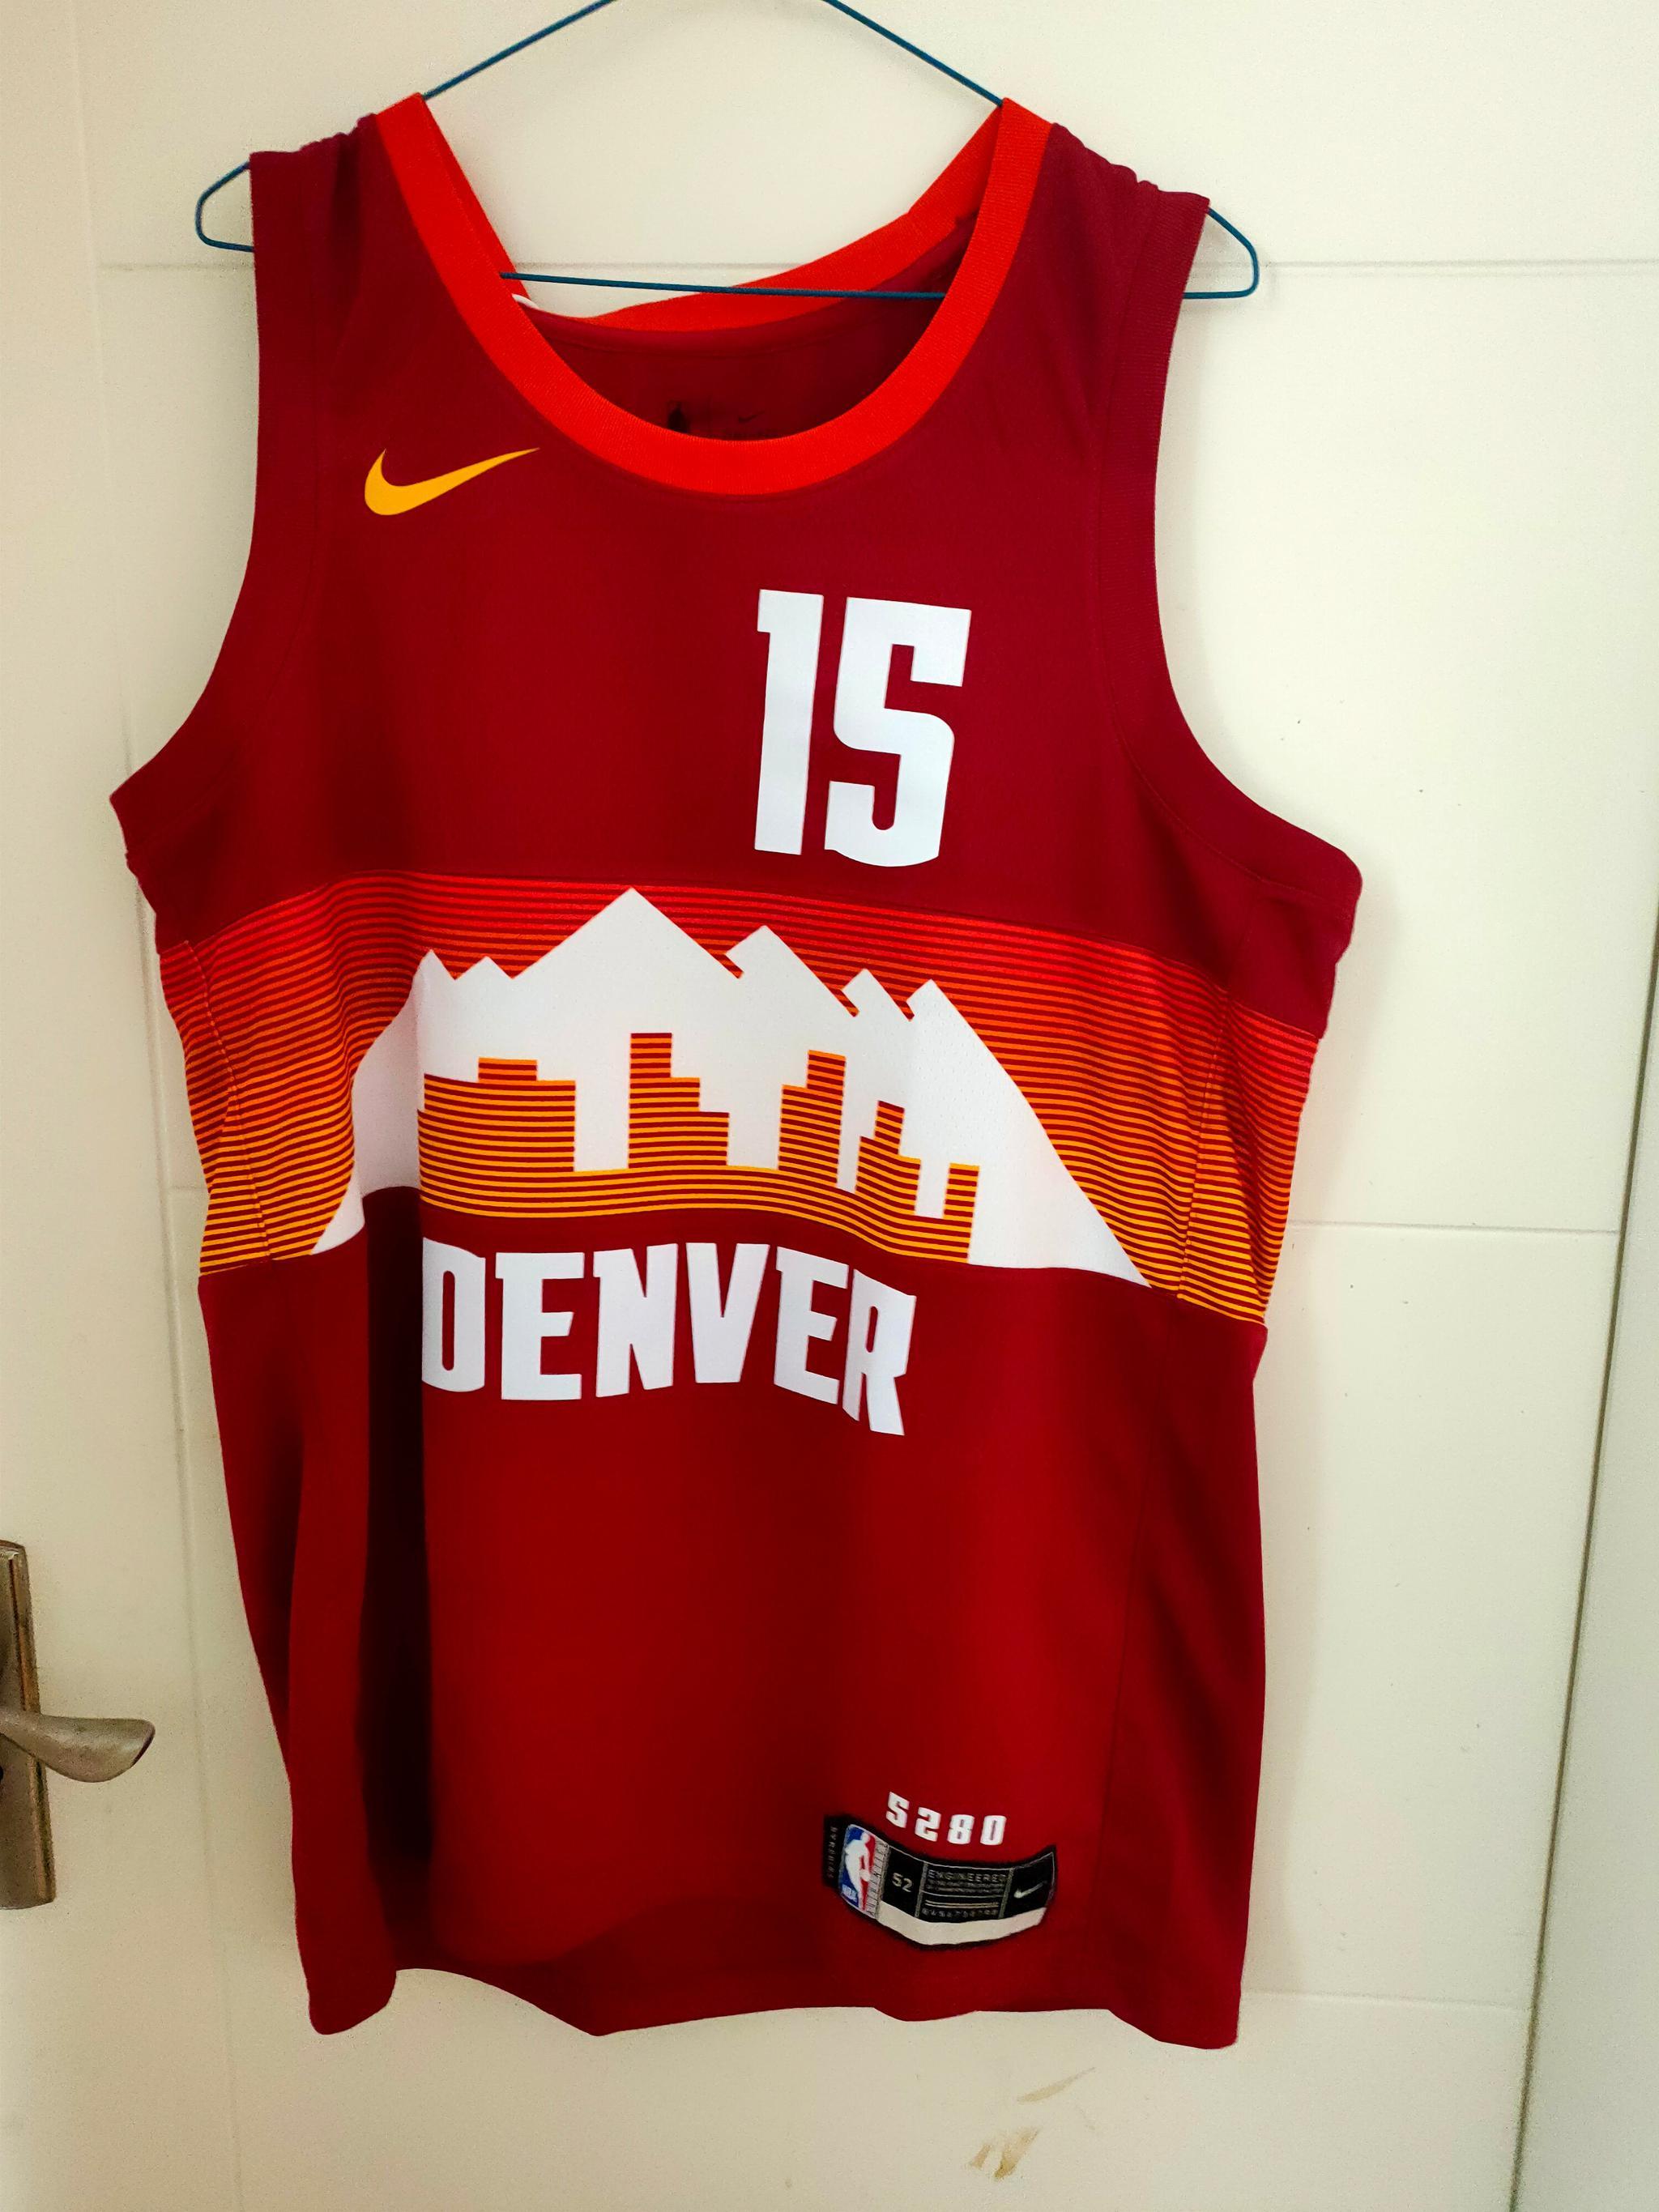 城市版也收到了,MVP赛季的球衣,值得来一件